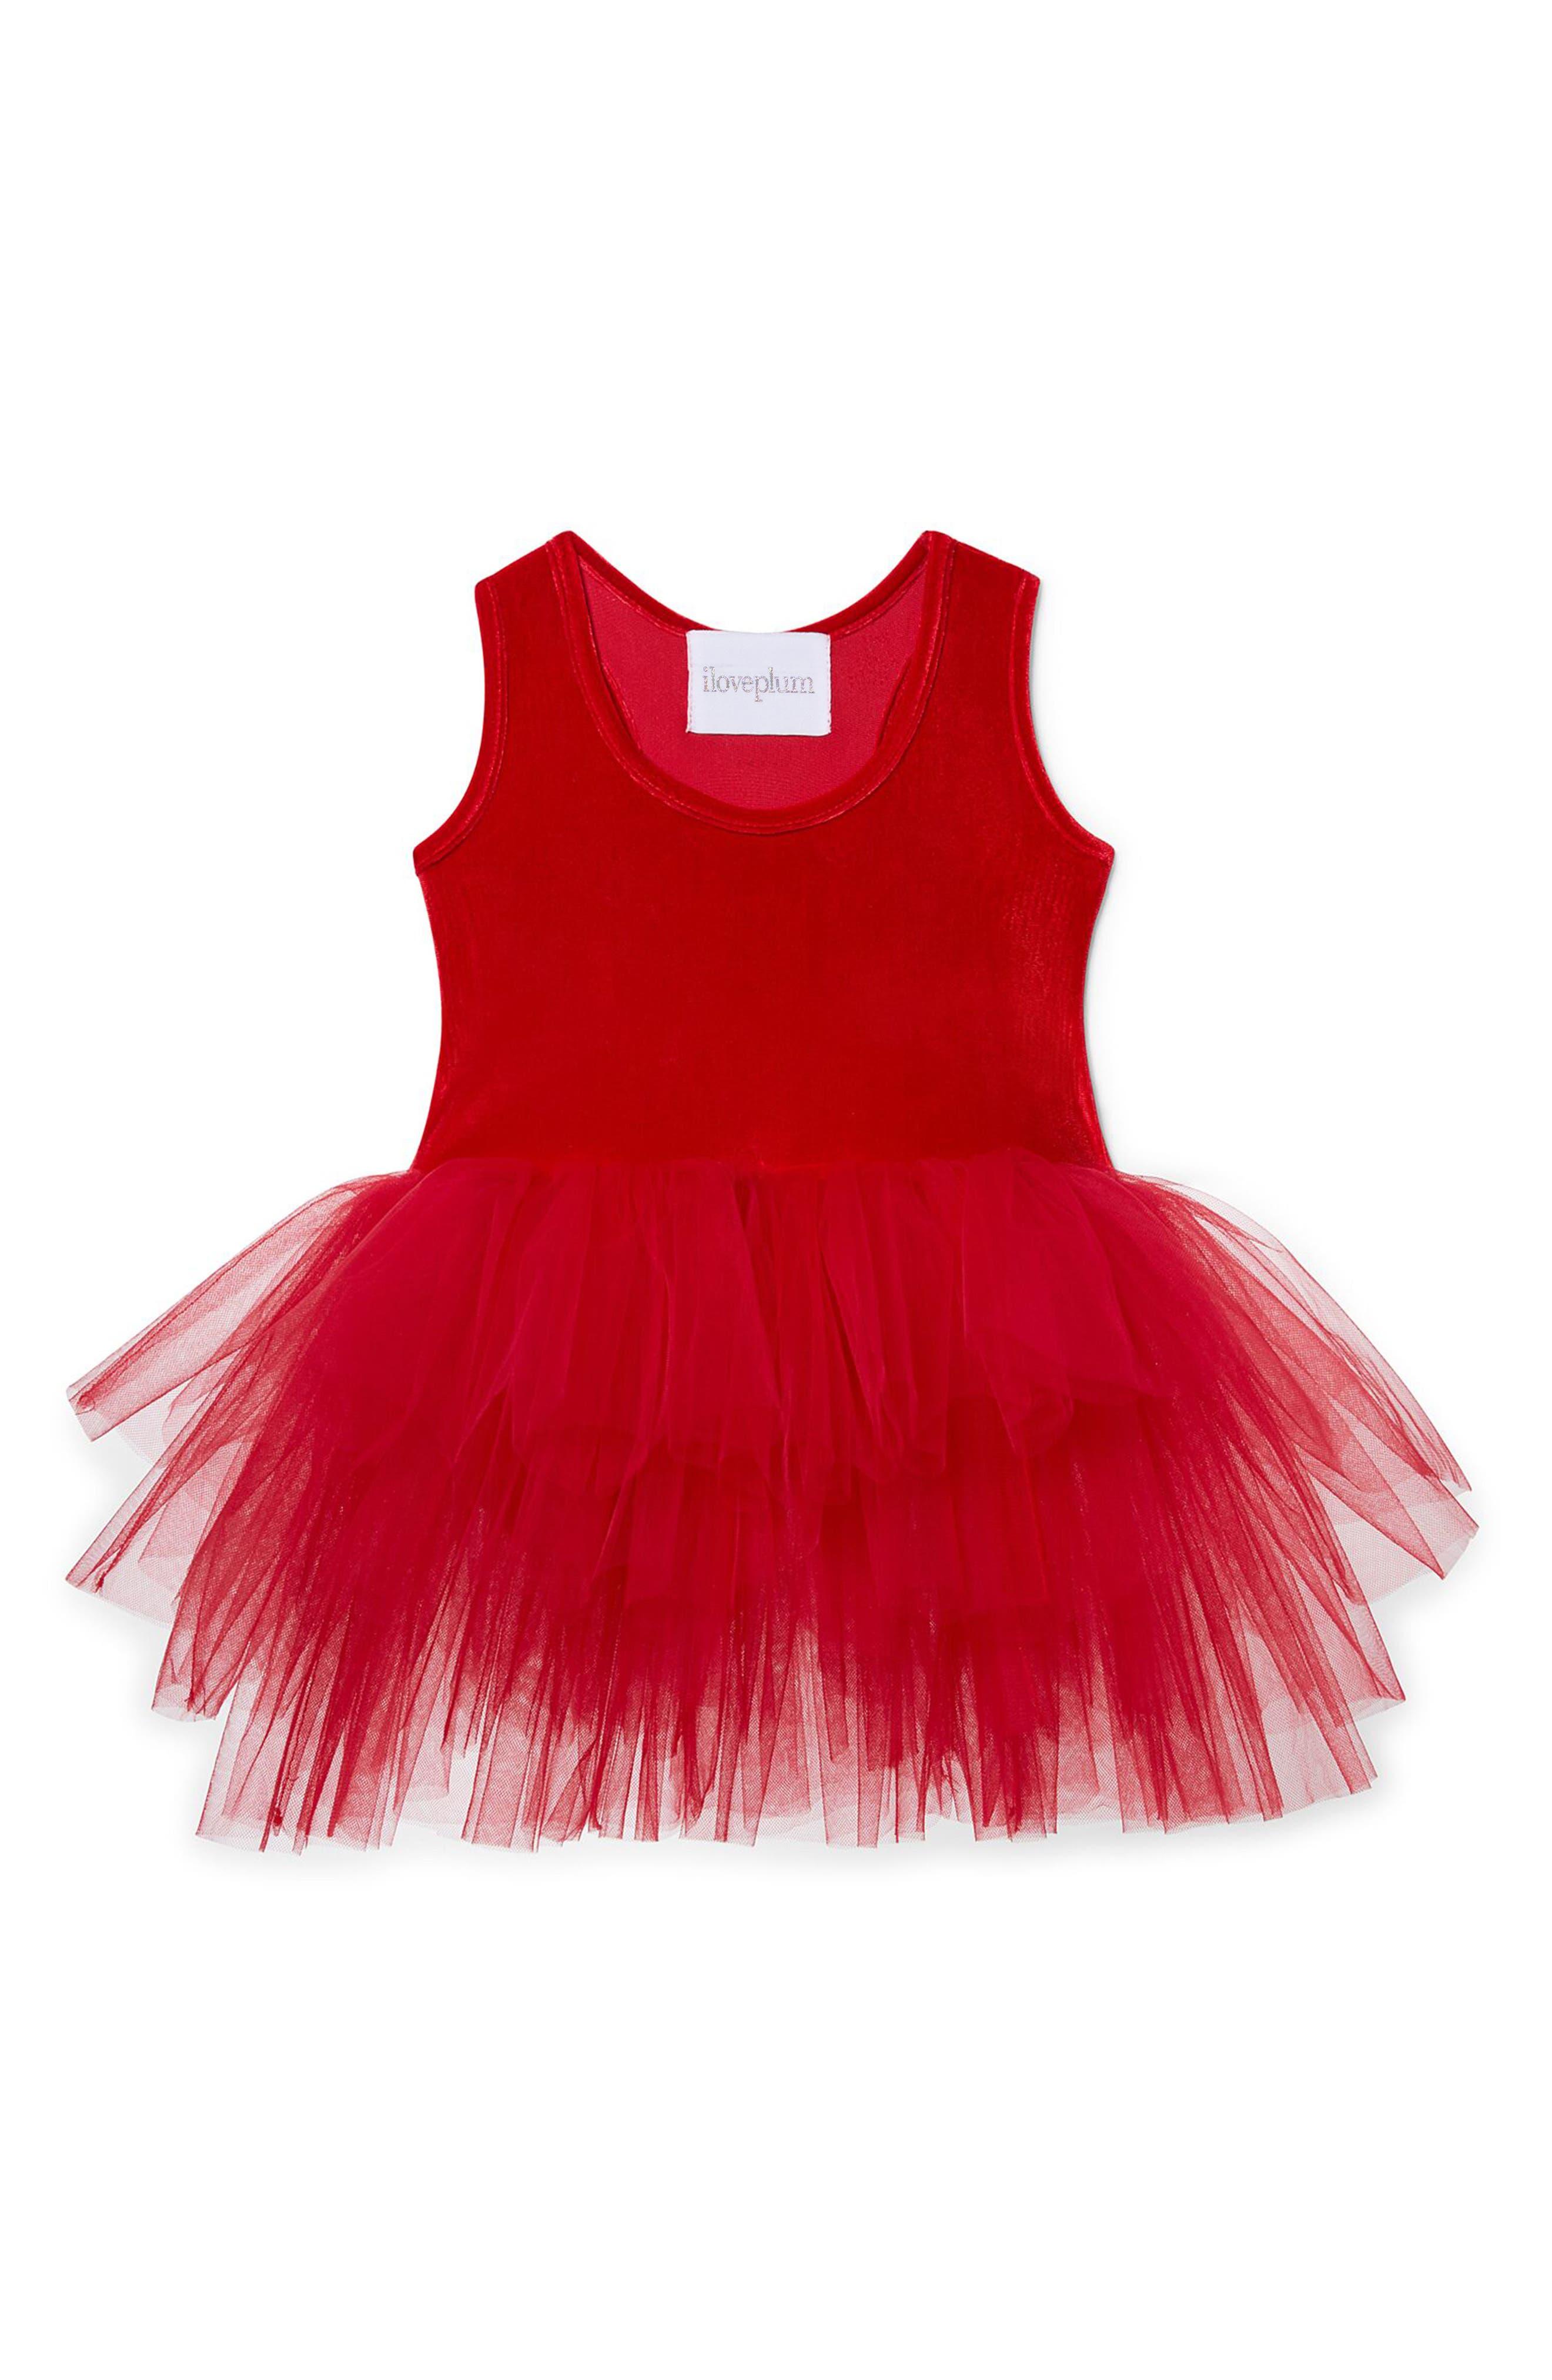 Velvet & Tulle Tutu Dress,                         Main,                         color, Red Velvet